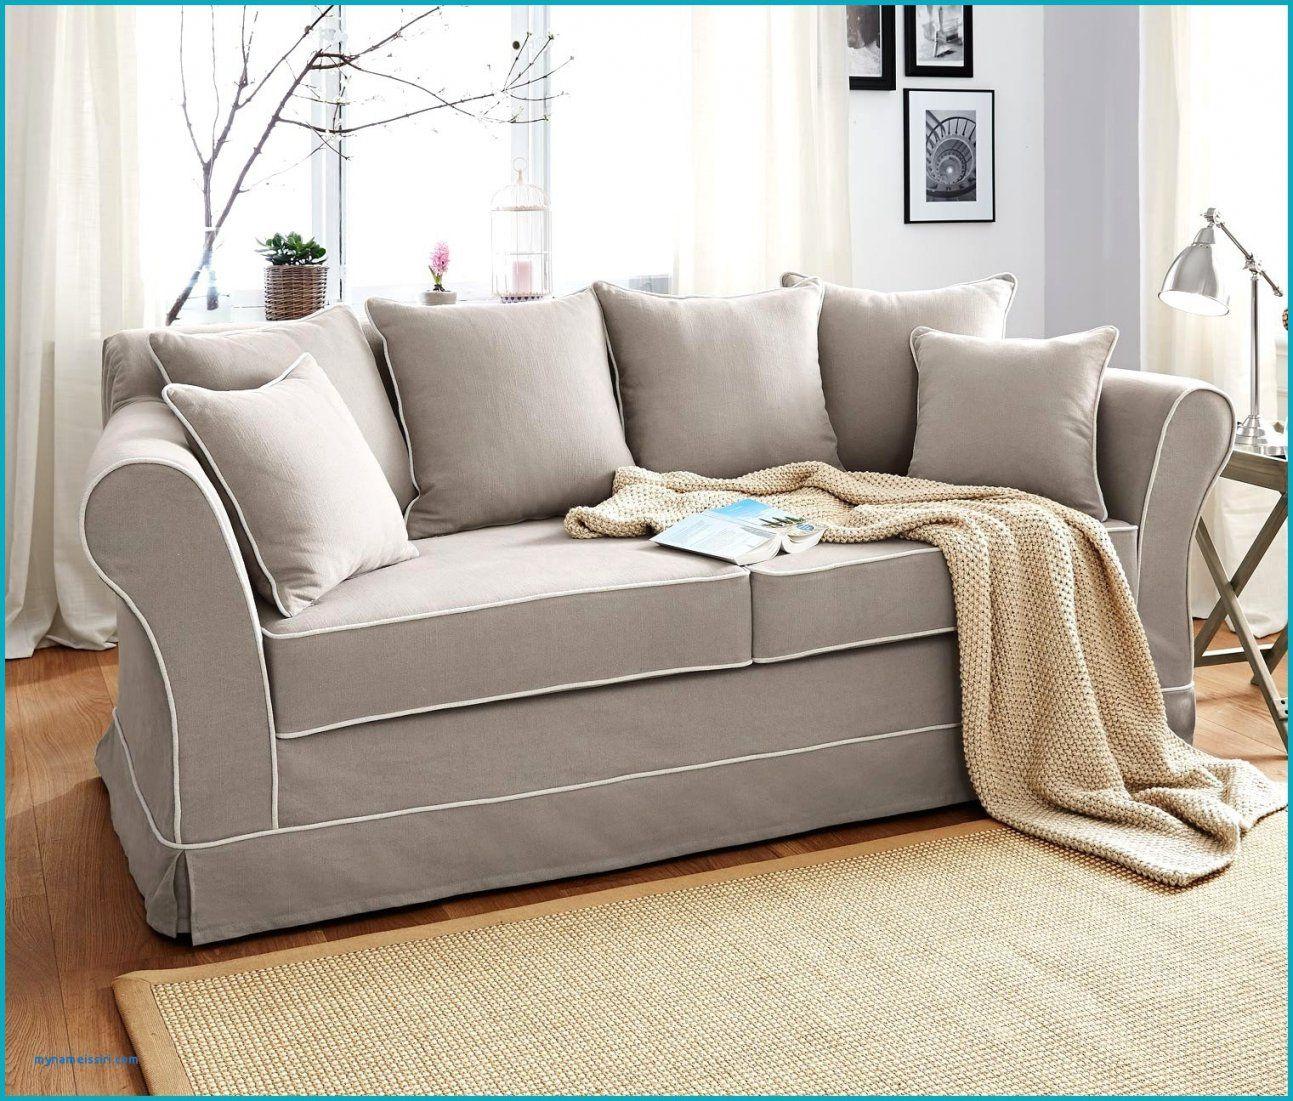 Couch Auf Raten Als Neukunde Elegant Sofa Auf Raten Kaufen Als von Couch Auf Raten Als Neukunde Bild